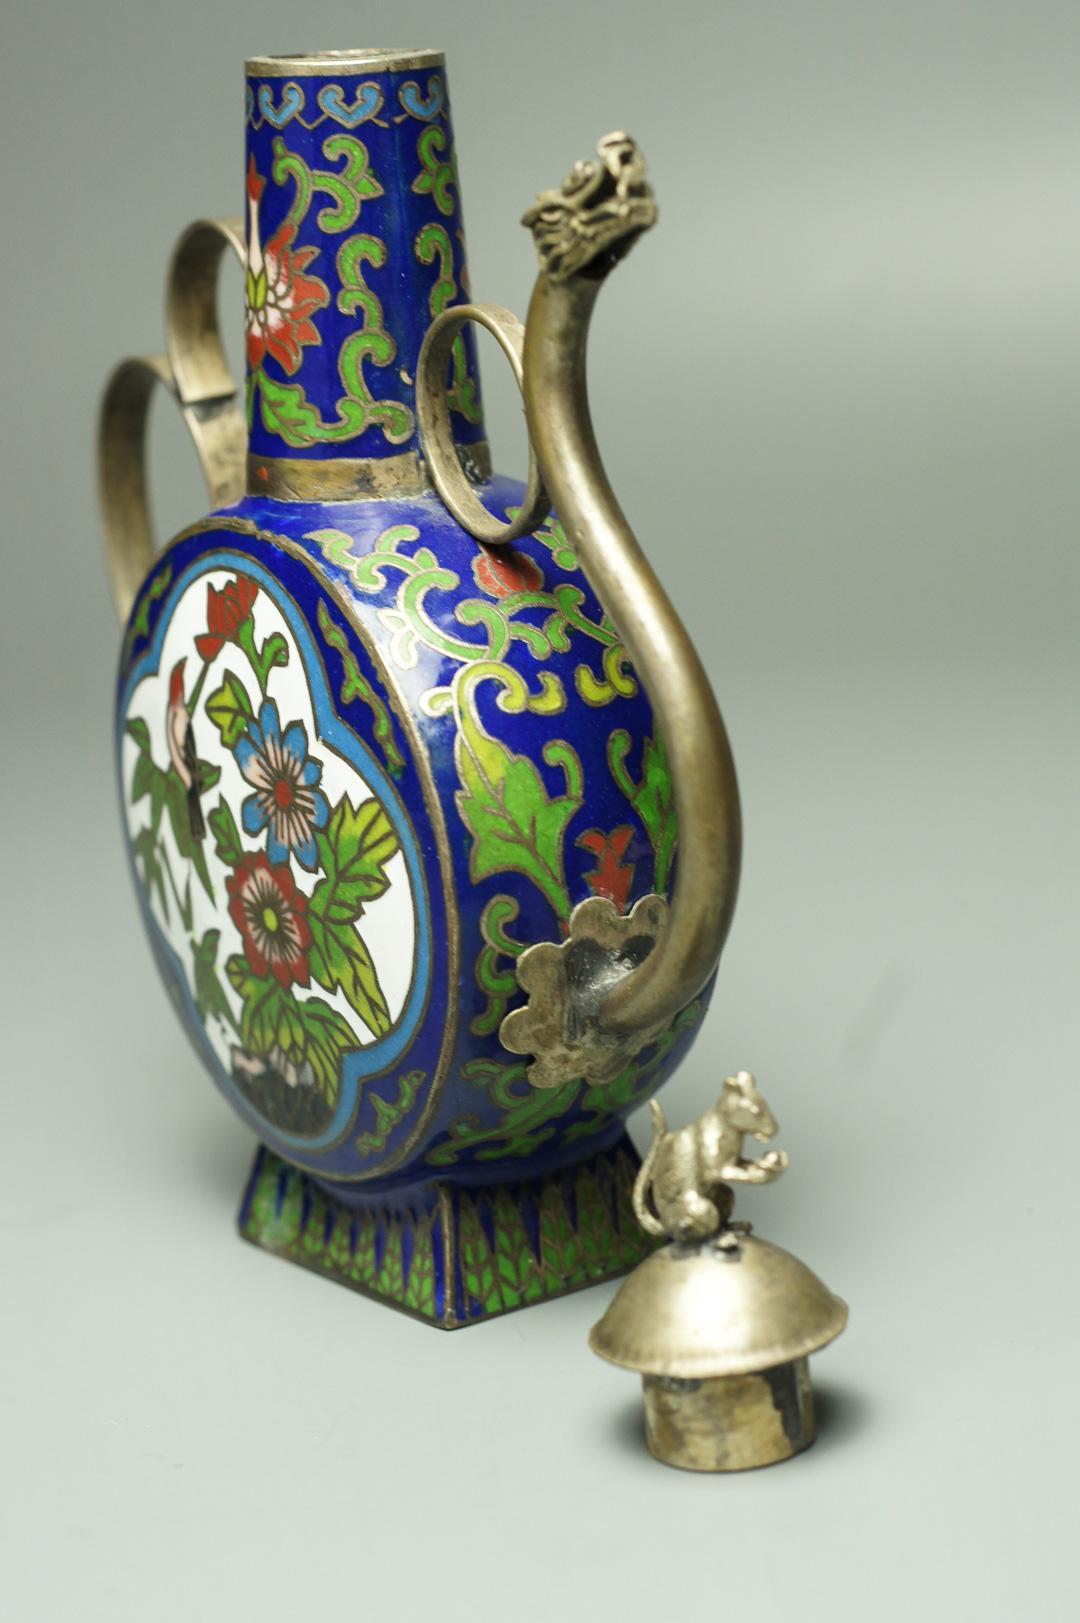 Чайник тибетский с драконом